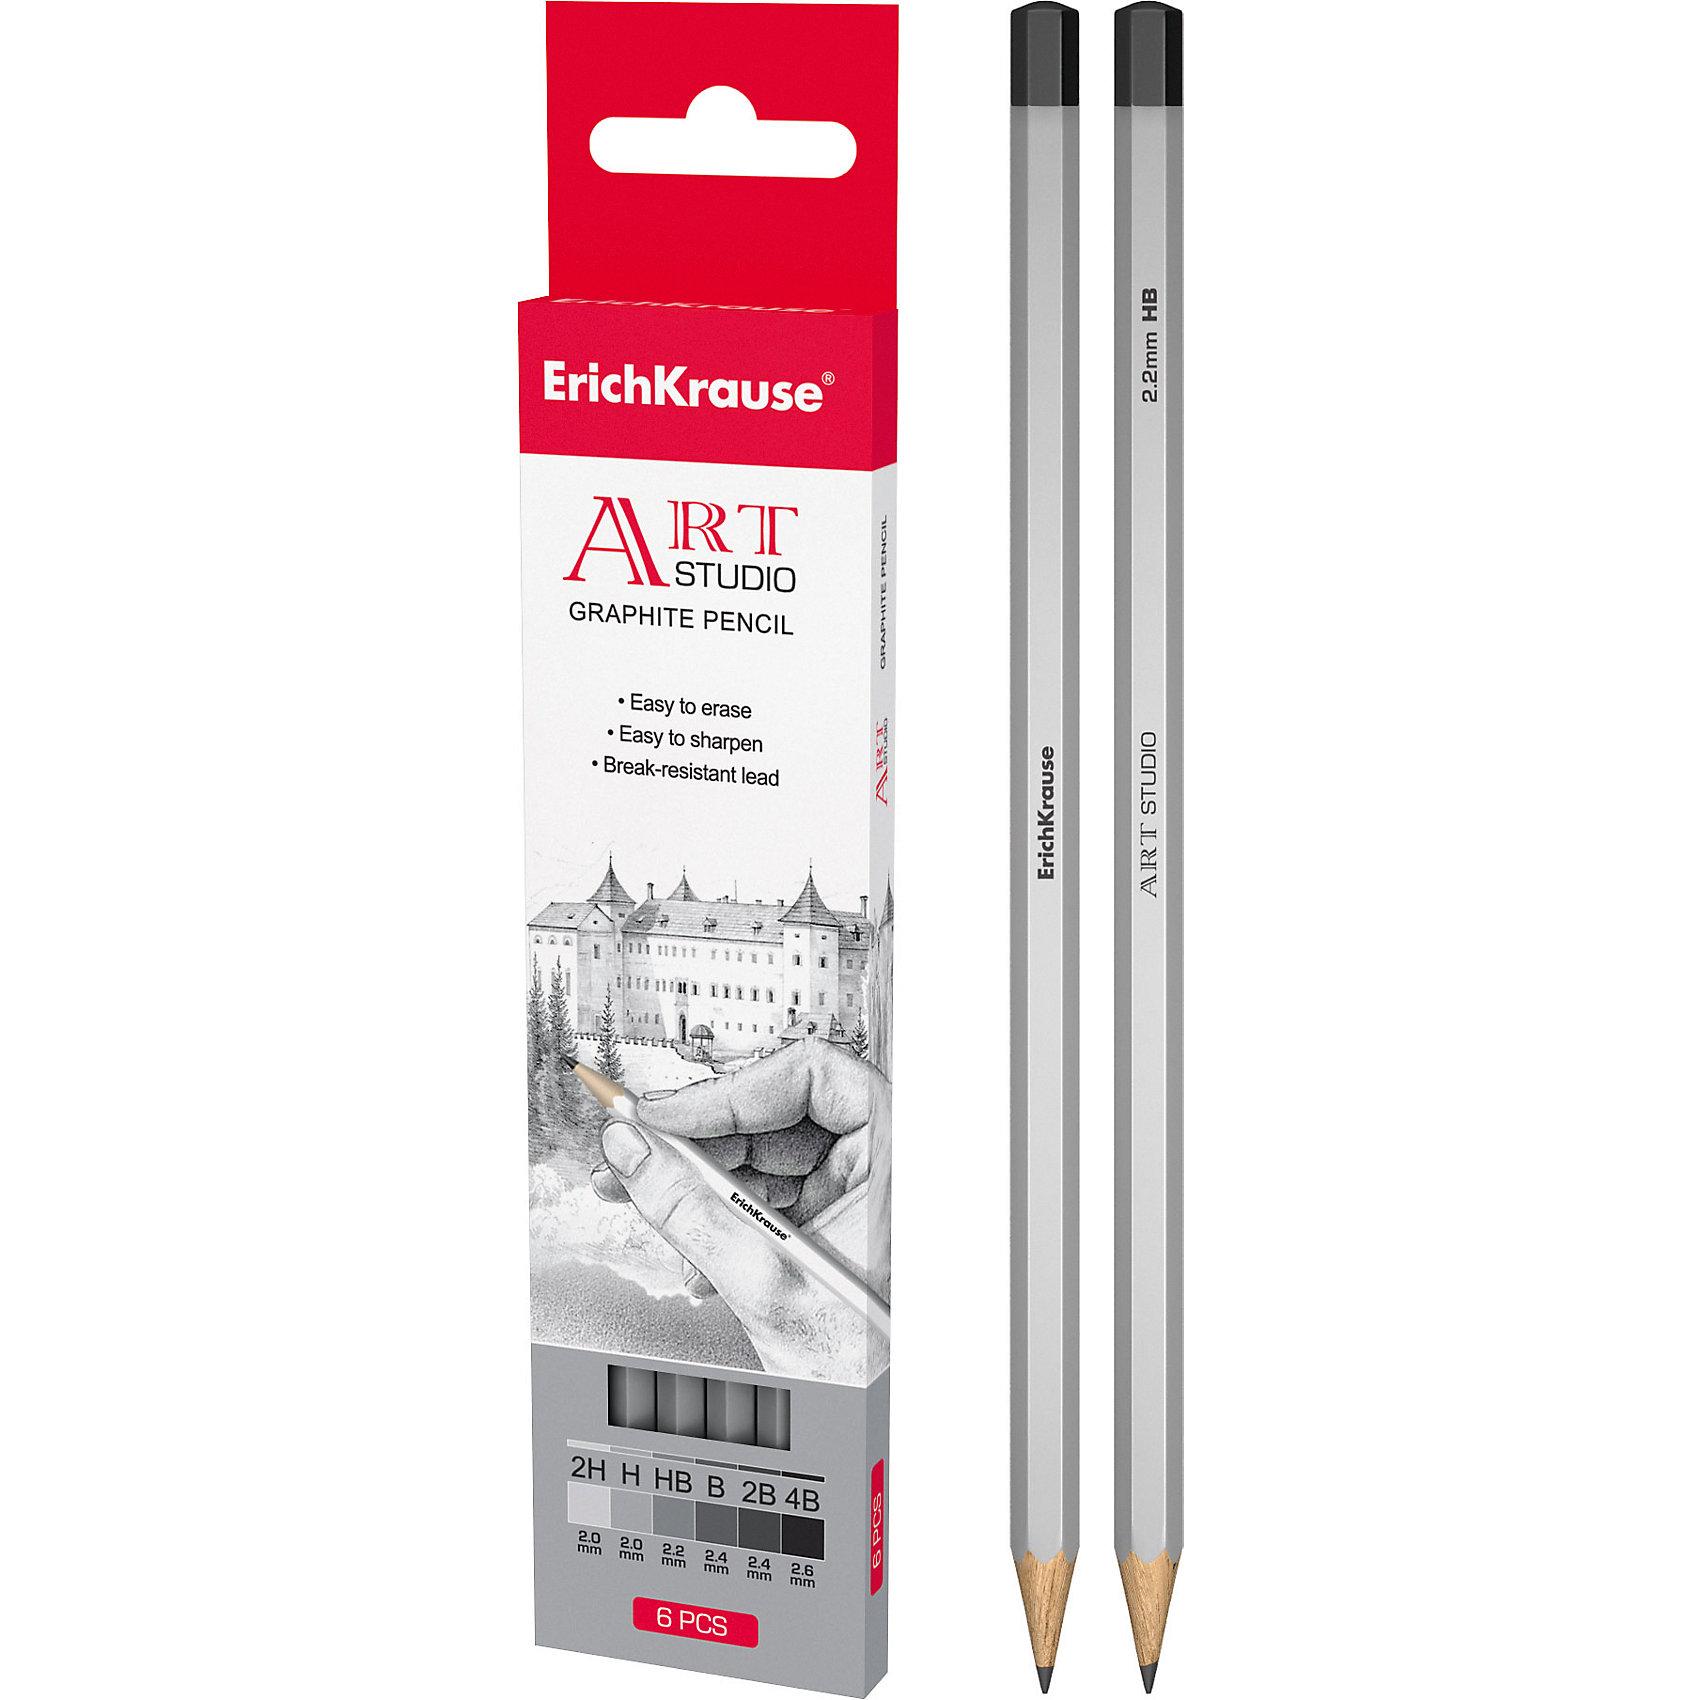 Чернографитный карандаш ART-STUDIO (2H,H,HB,B,2B,4B) шестигранный, 6 шт., Erich KrauseРисование<br>шестигранный карандаш, торец  заглушен, в наборе 6 карандашей разной твердости (2H+H+HB+B+2B+4B)<br><br>Ширина мм: 45<br>Глубина мм: 220<br>Высота мм: 150<br>Вес г: 120<br>Возраст от месяцев: 84<br>Возраст до месяцев: 2147483647<br>Пол: Унисекс<br>Возраст: Детский<br>SKU: 5543308